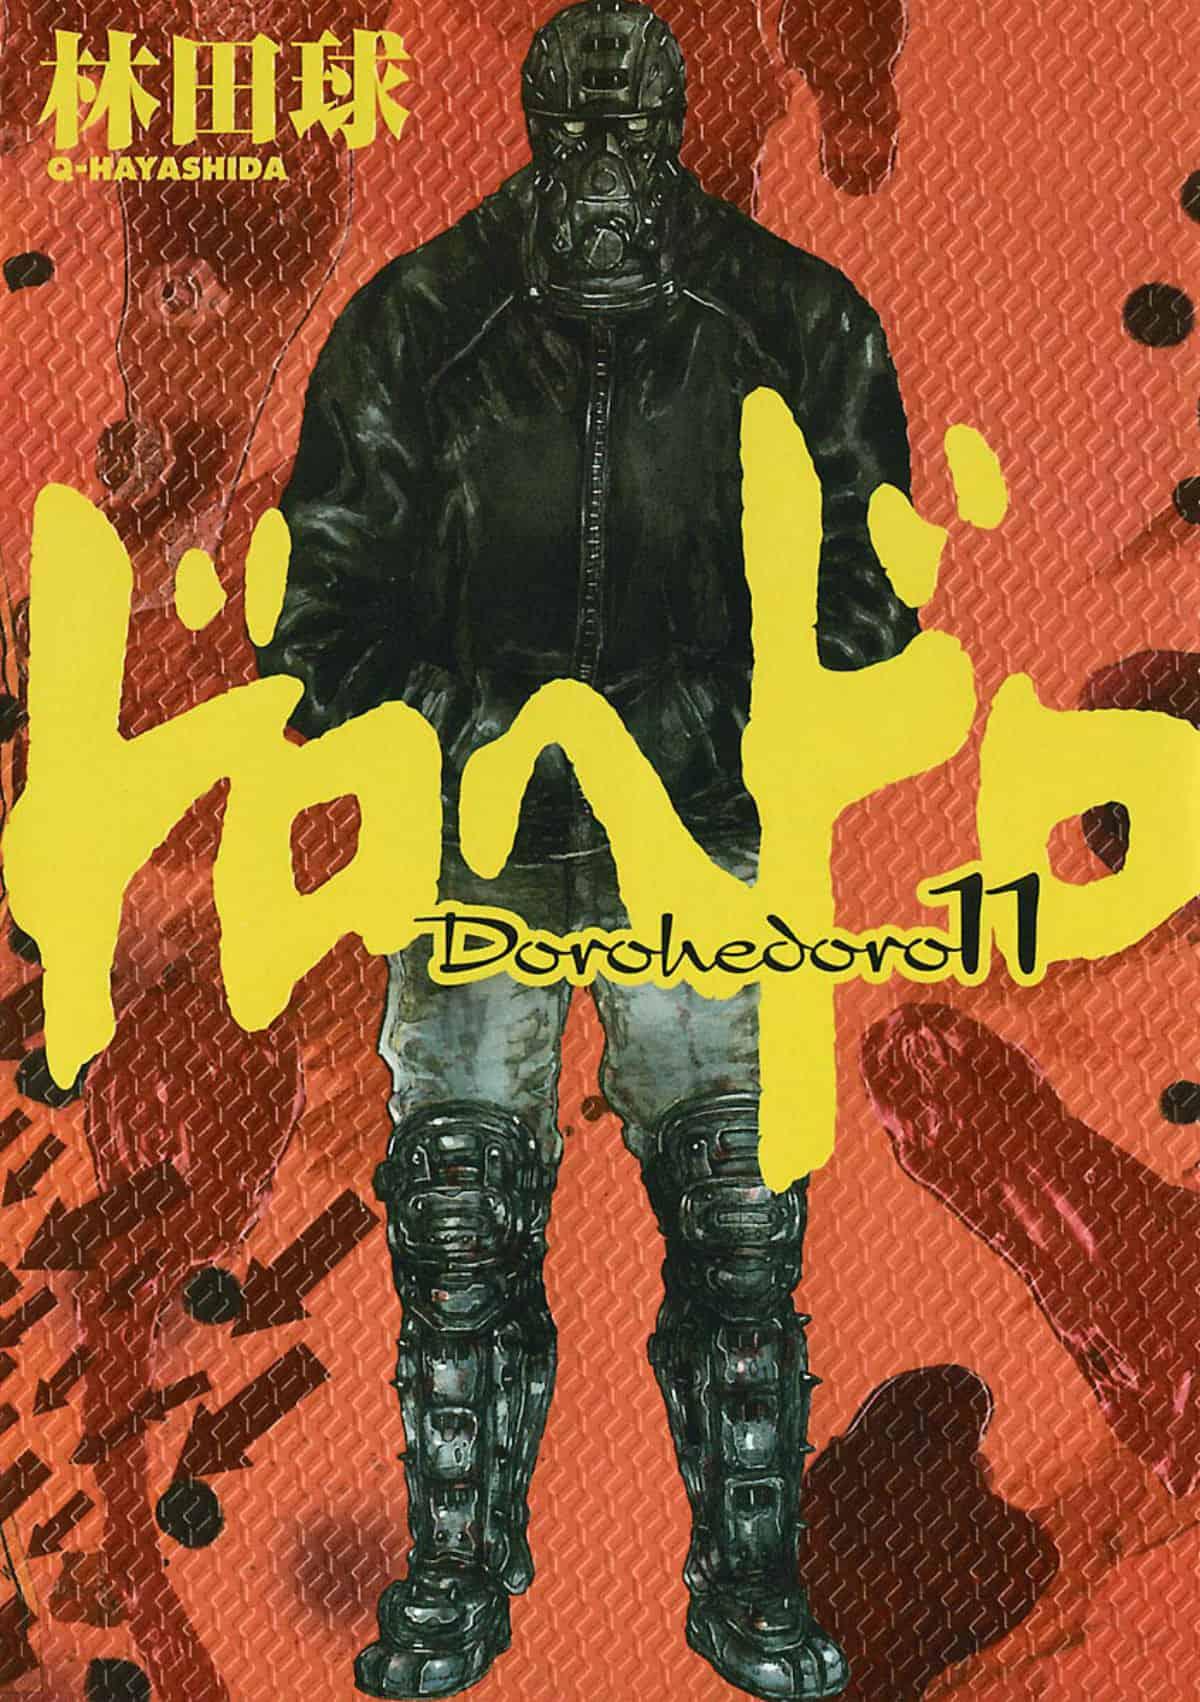 Dorohedoro Manga Volume 11 Cover Art